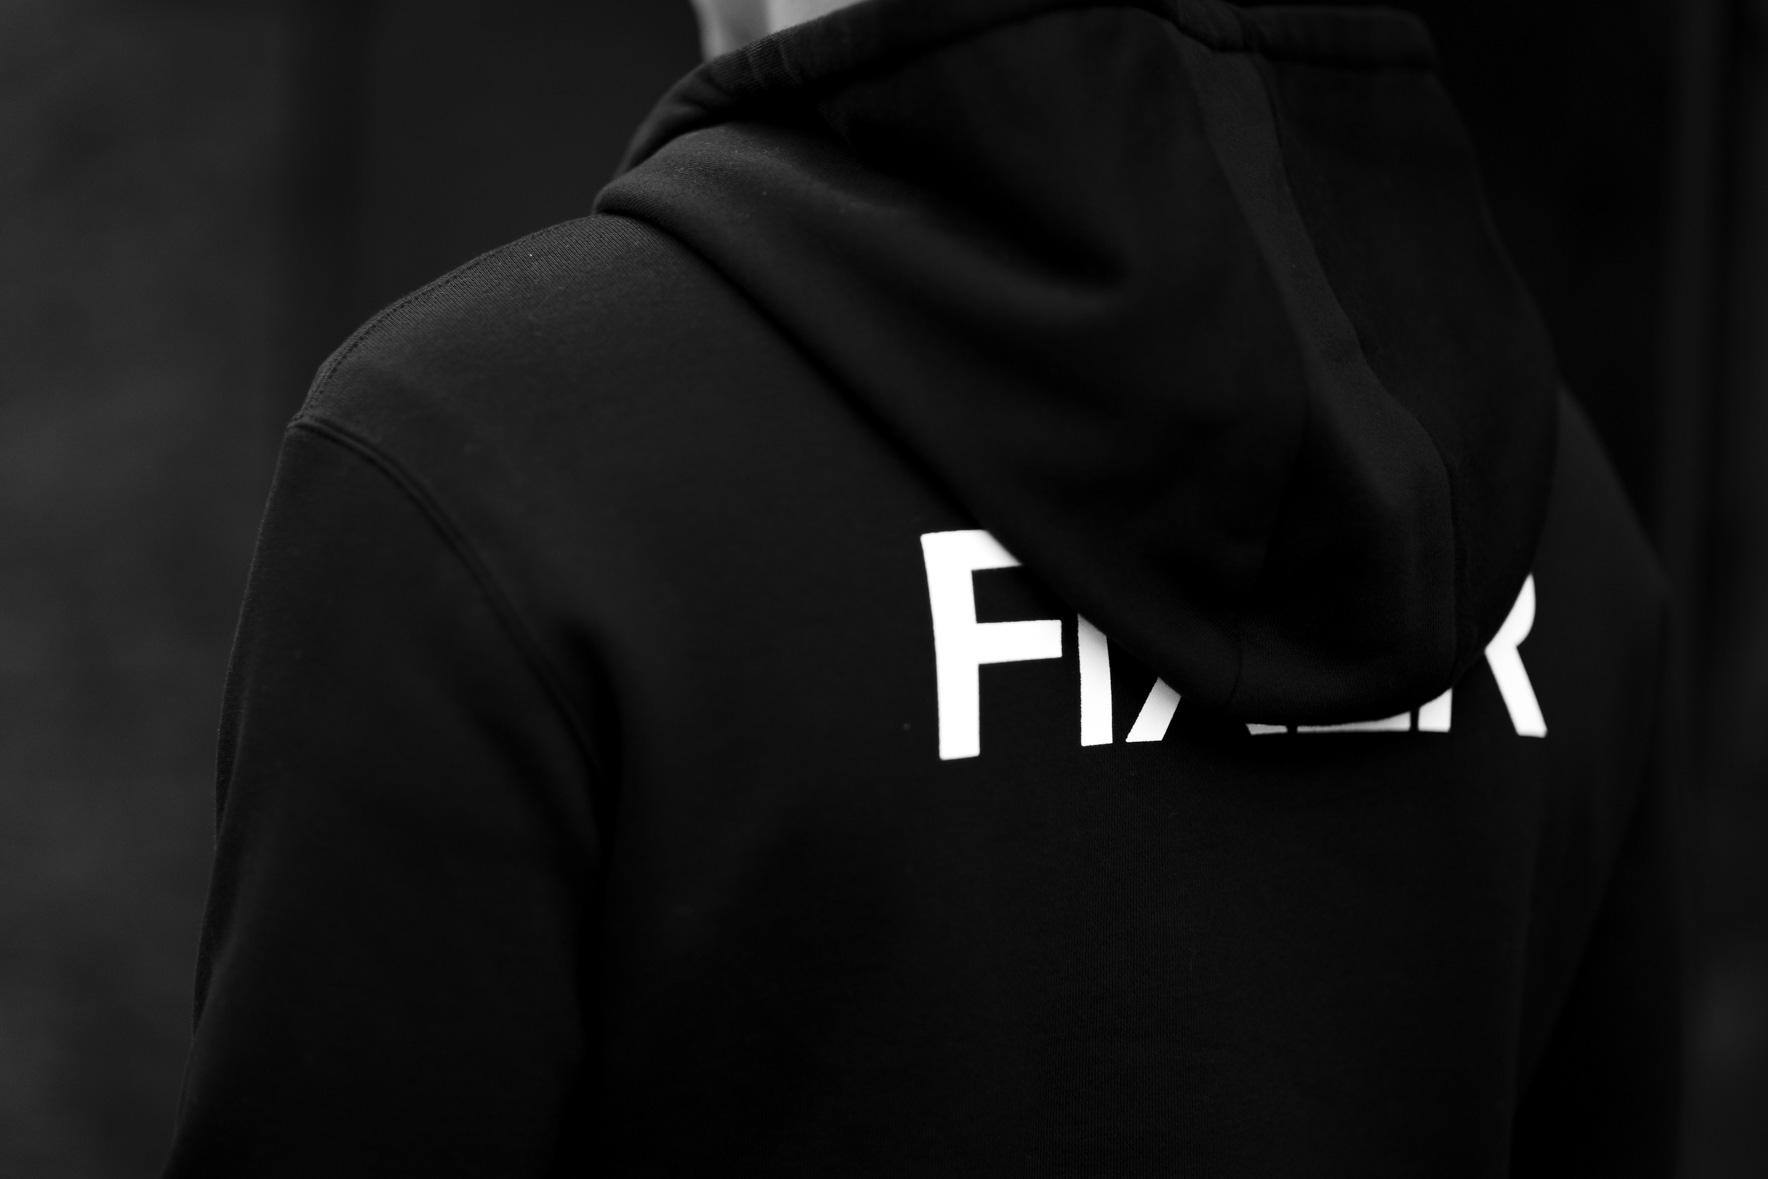 FIXER (フィクサー) FPK-02(エフピーケー02) Sweat Hoodie スウェットフーディー BLACK (ブラック) 【ご予約開始します】【2020.9.12(Sat)~2020.9.27(Sun)】愛知 名古屋 altoediritto アルトエデリット パーカー プリントロゴ ロゴプリント 肉厚 裏サーマル